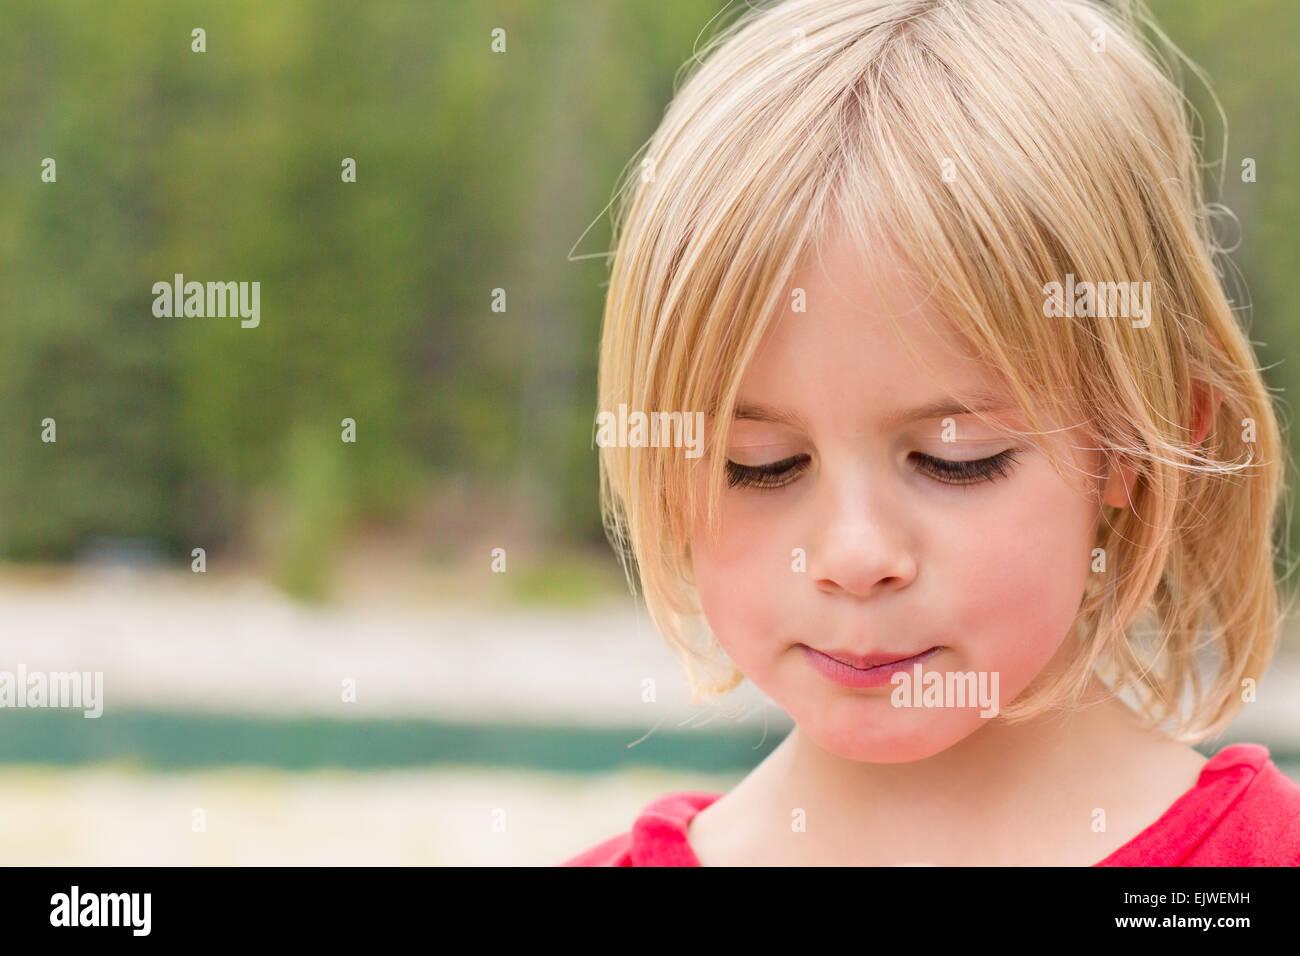 Petite fille timide à la recherche vers le bas avec un regard timide Banque D'Images